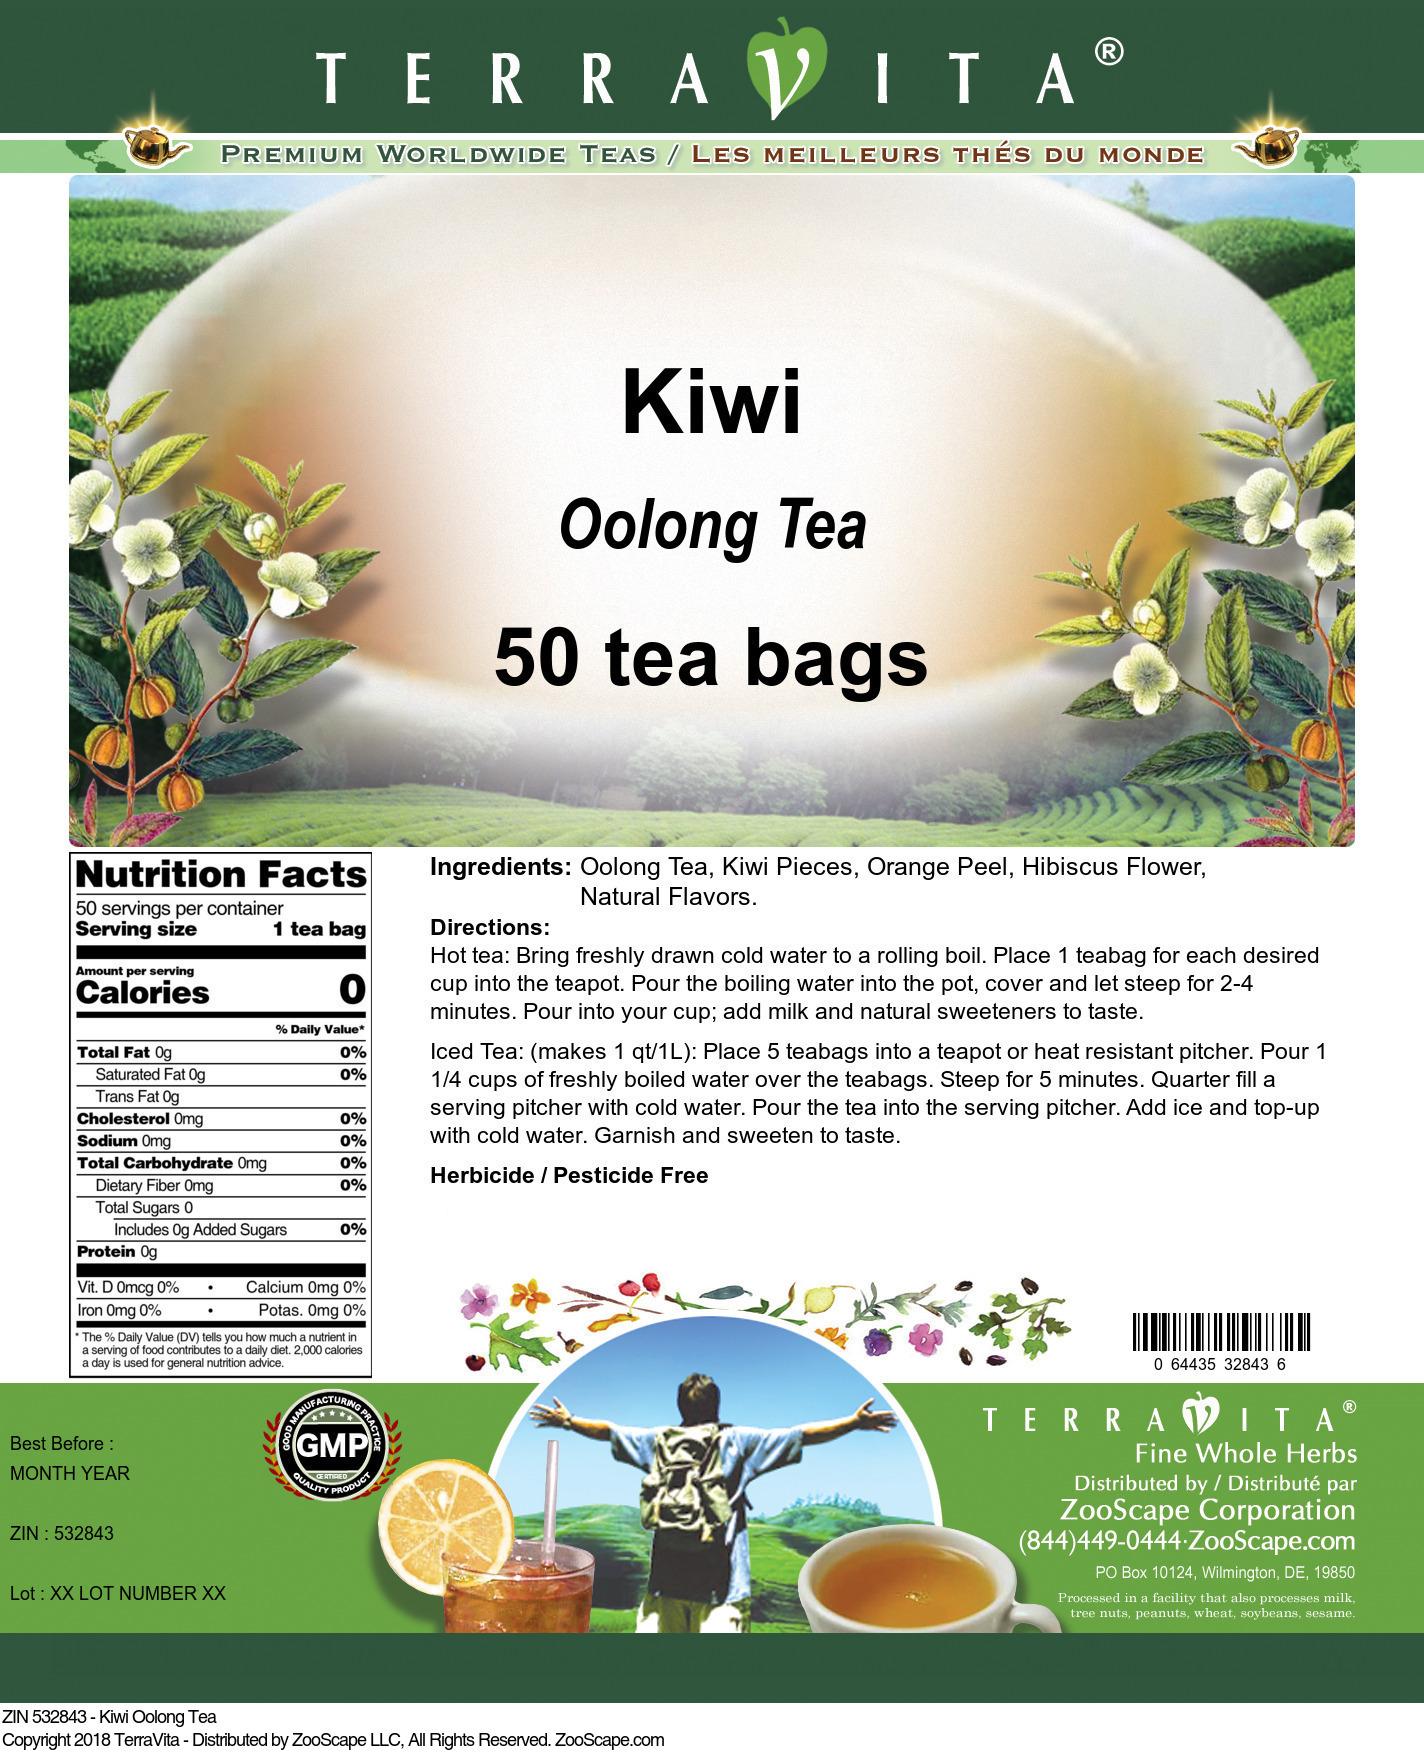 Kiwi Oolong Tea